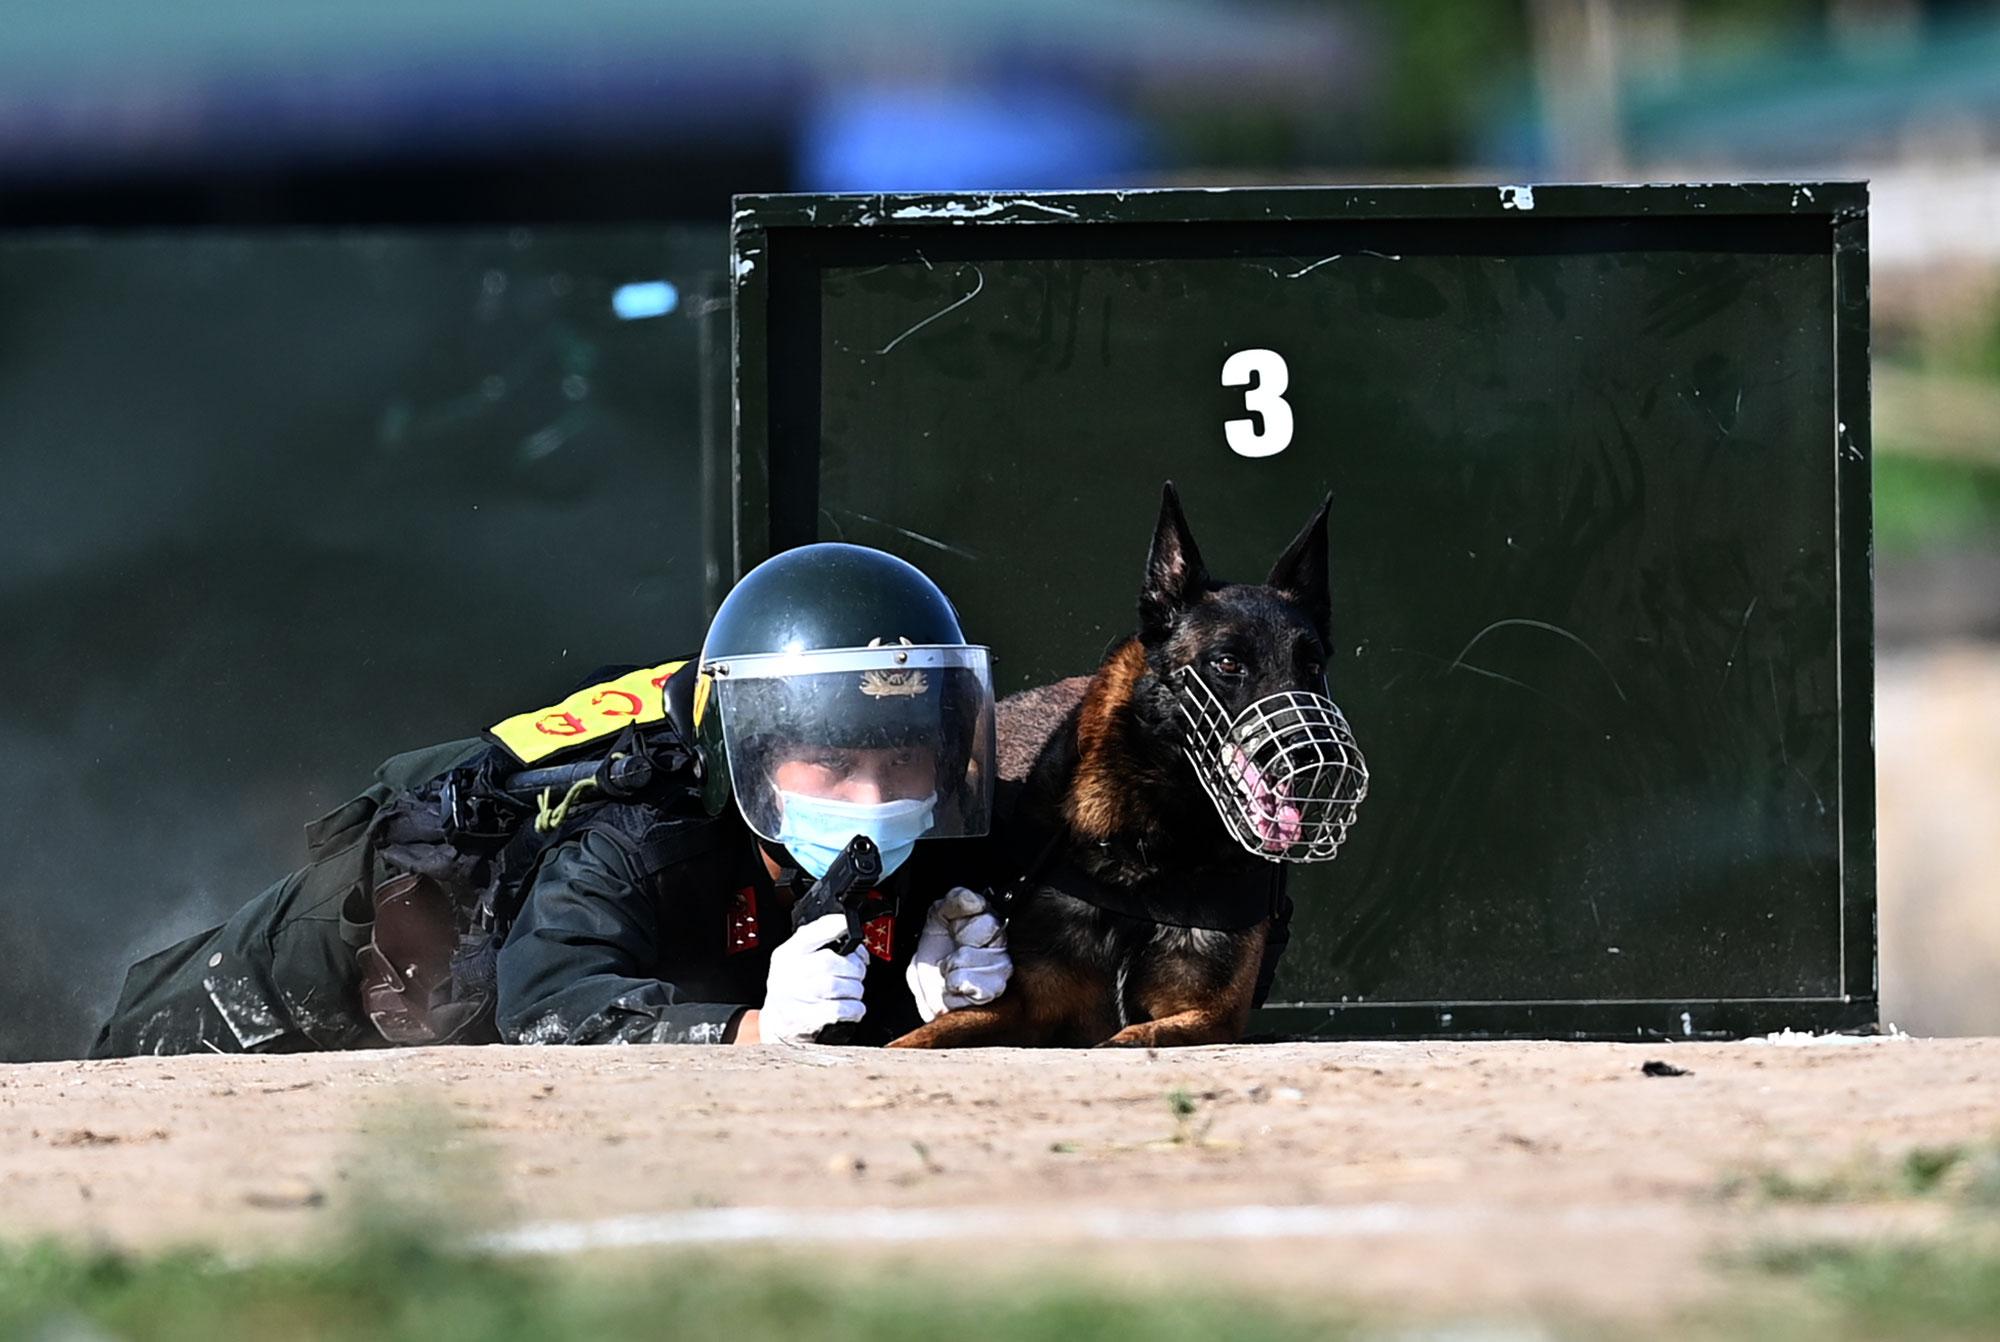 Mãn nhãn với màn biểu diễn võ thuật, nổ súng truy bắt tội phạm của Cảnh sát cơ động cùng những chiến binh đặc biệt - Ảnh 10.